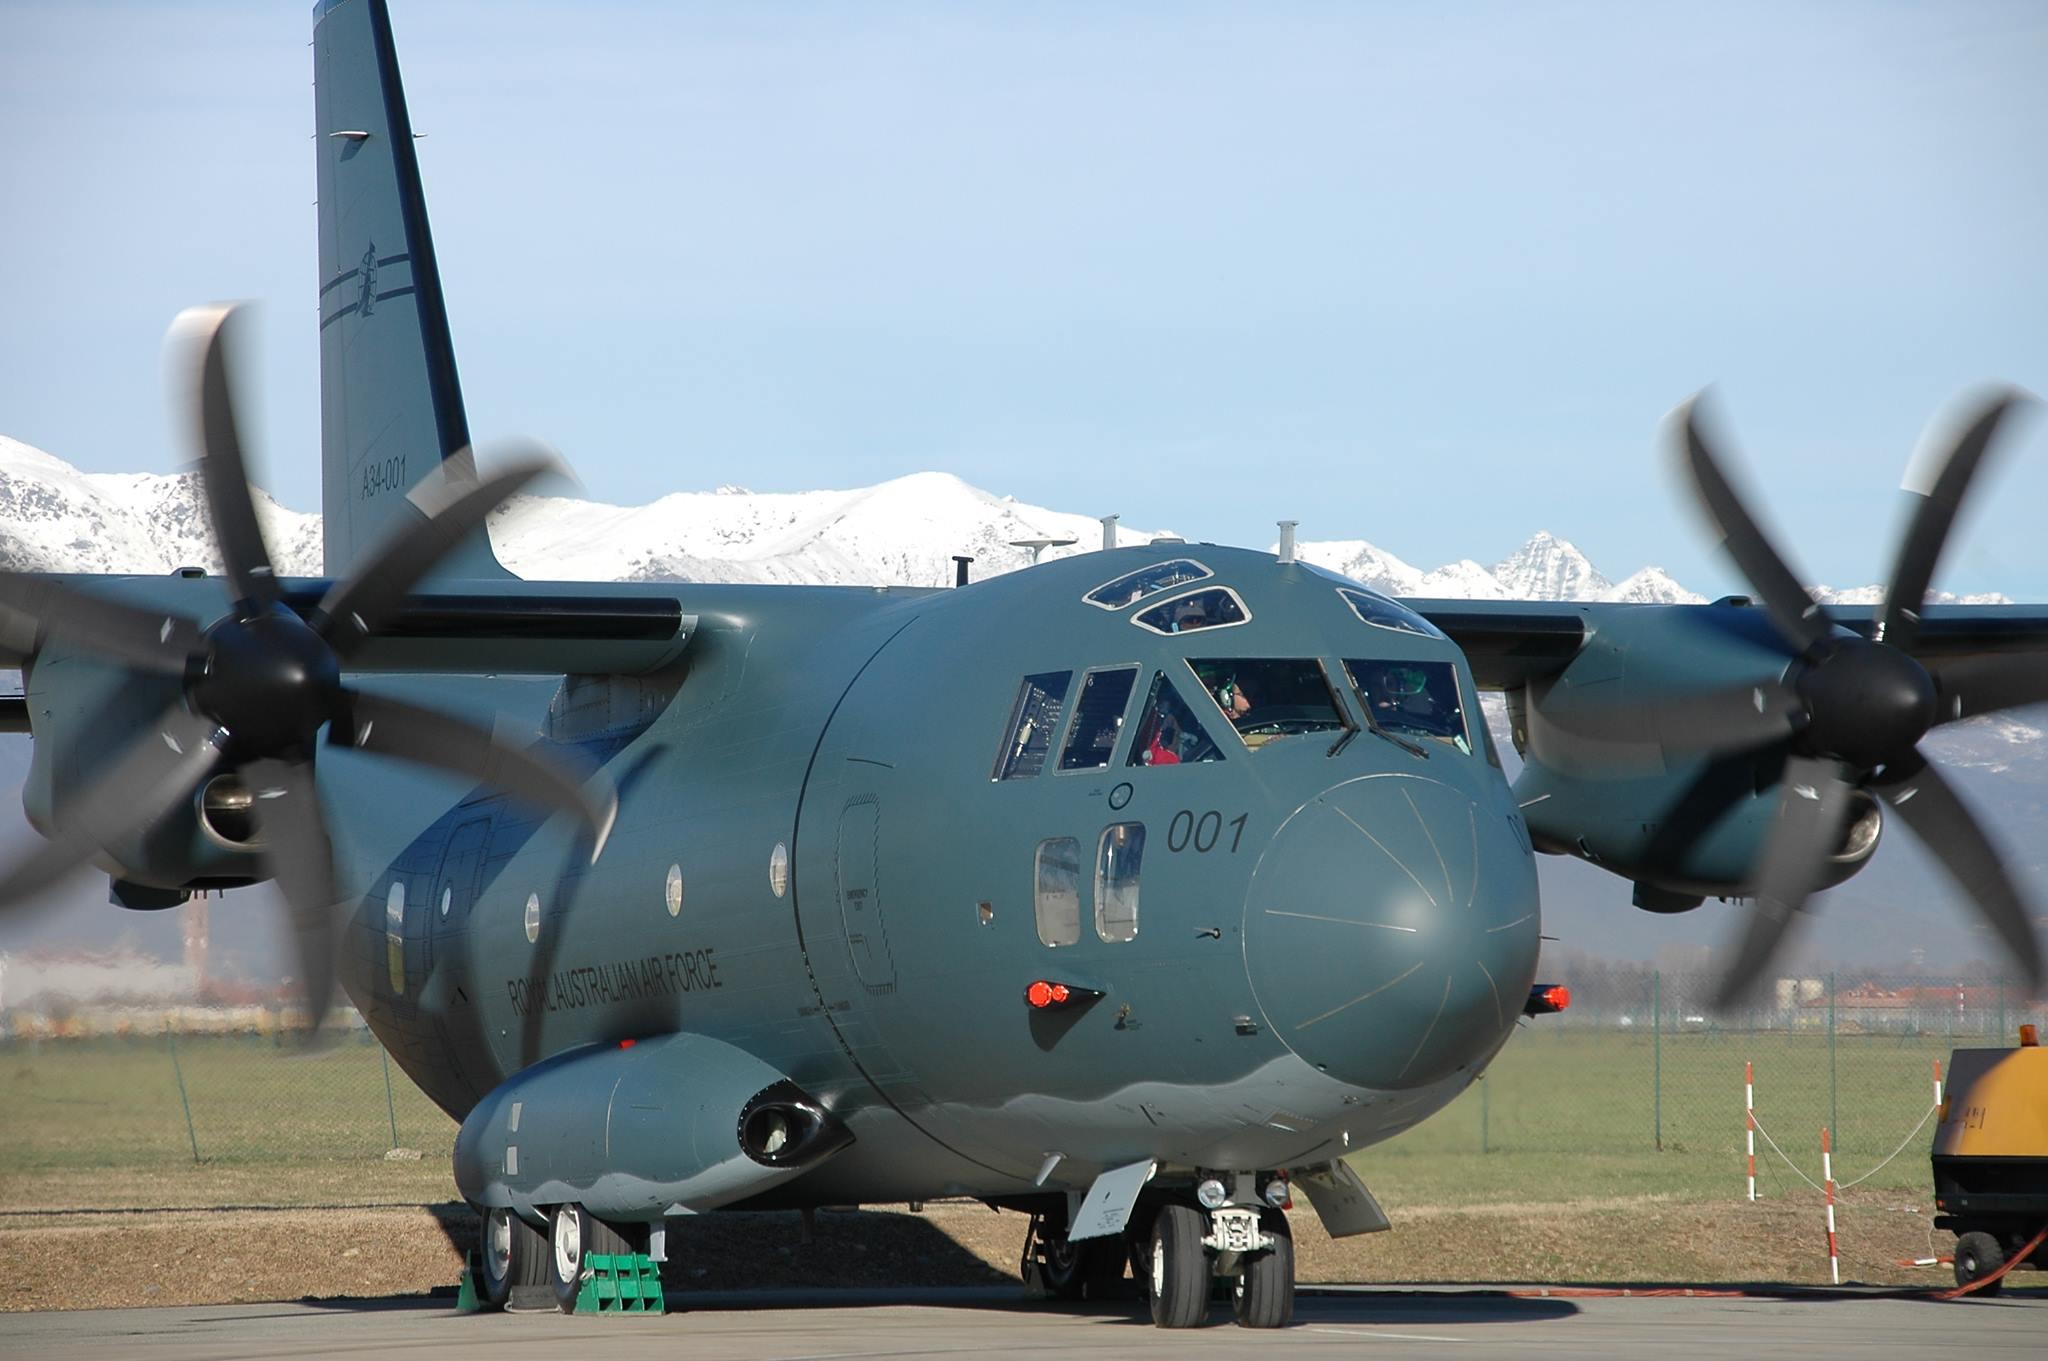 Первый самолет Alenia Aermacchi C-27J (серийный номер 4179, бортовой номер A34-001, временная итальянская регистрация I-EASC), построенный для ВВС Австралии, накануне первого полета. Турин, 18.12.2013.